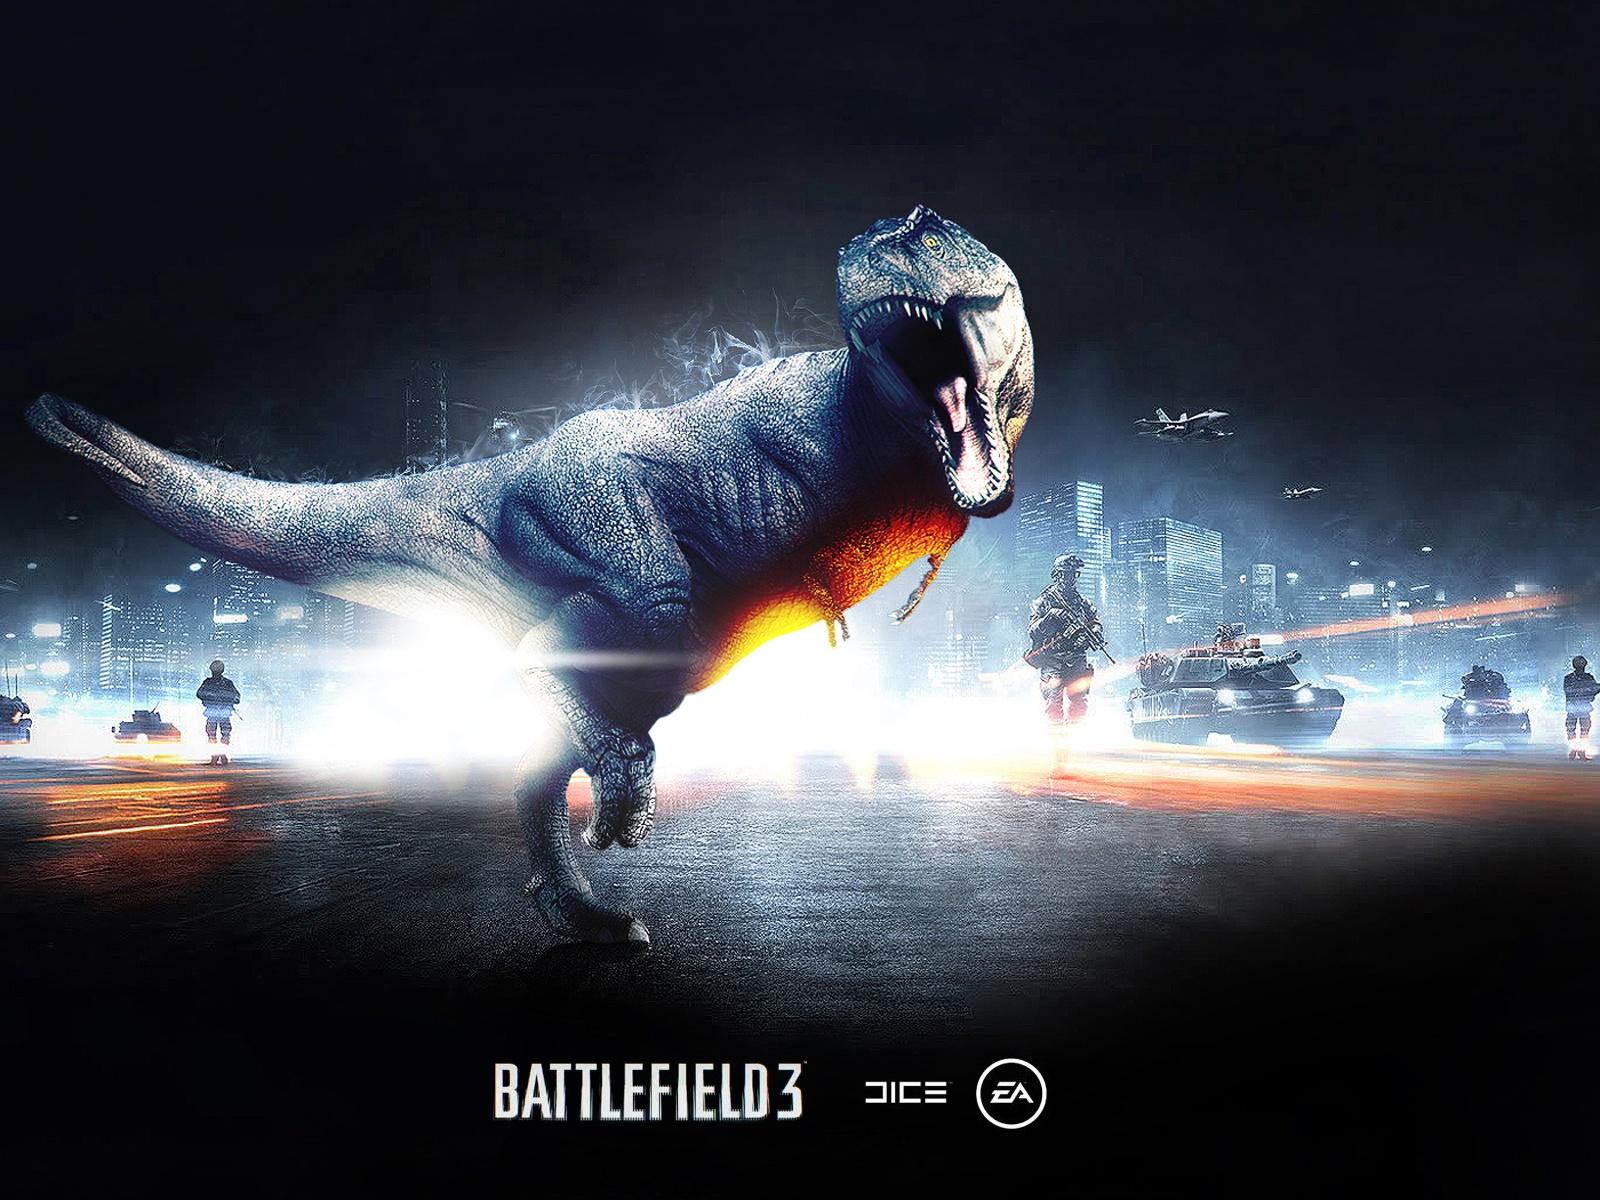 Dinosaur in Battlefield 3 Wallpaper | 1600x1200 resolution ...